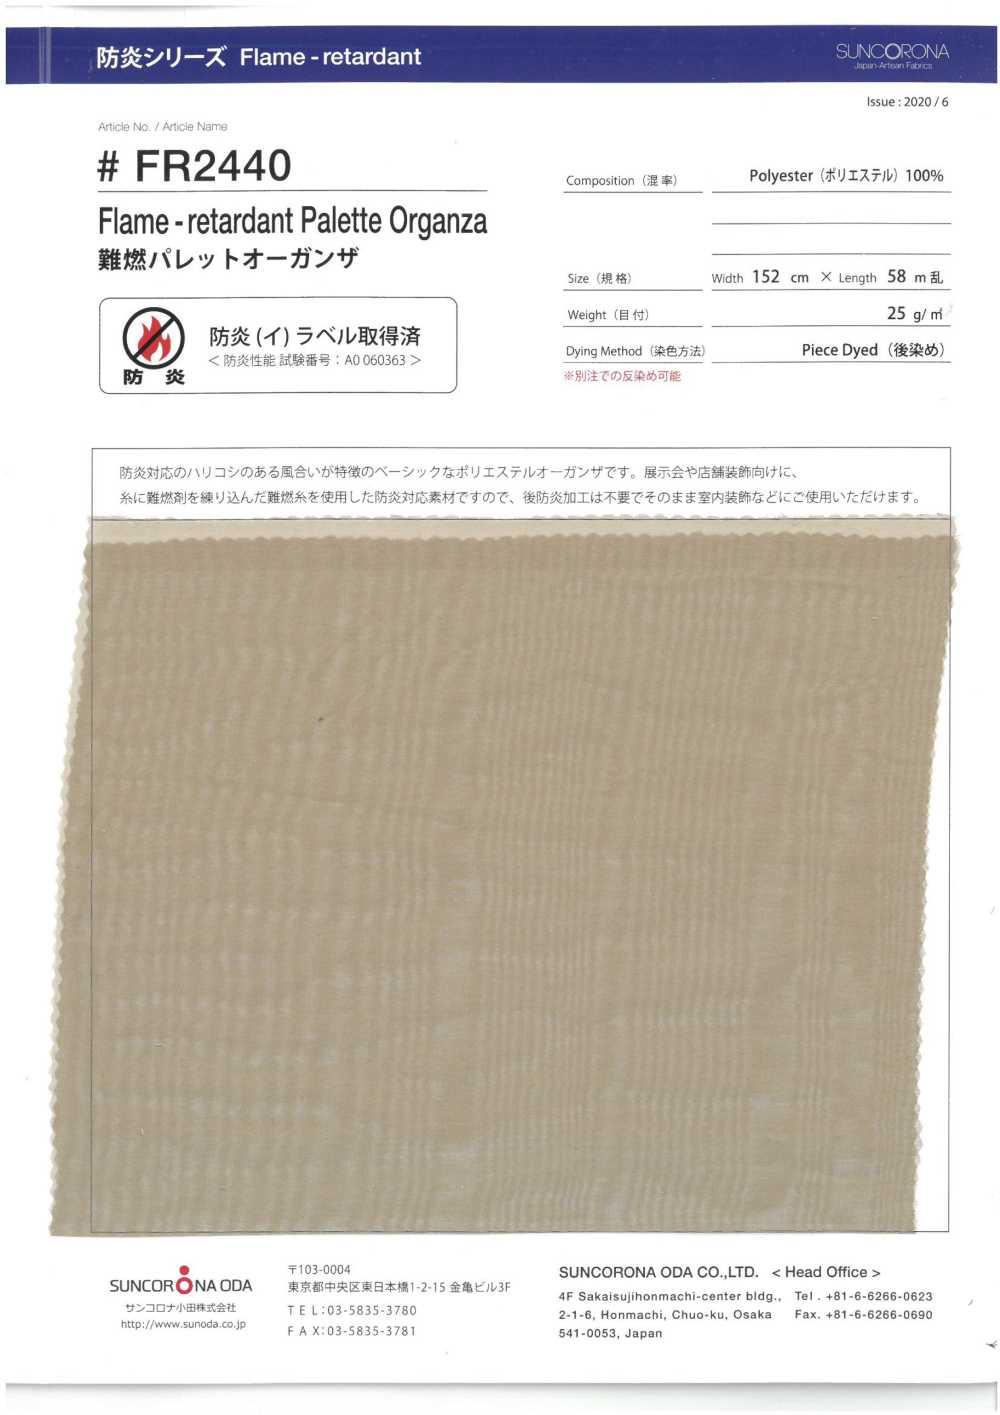 FR2440 難燃ポリエステルオーガンジー[生地] サンコロナ小田/オークラ商事 - ApparelX アパレル資材卸通販